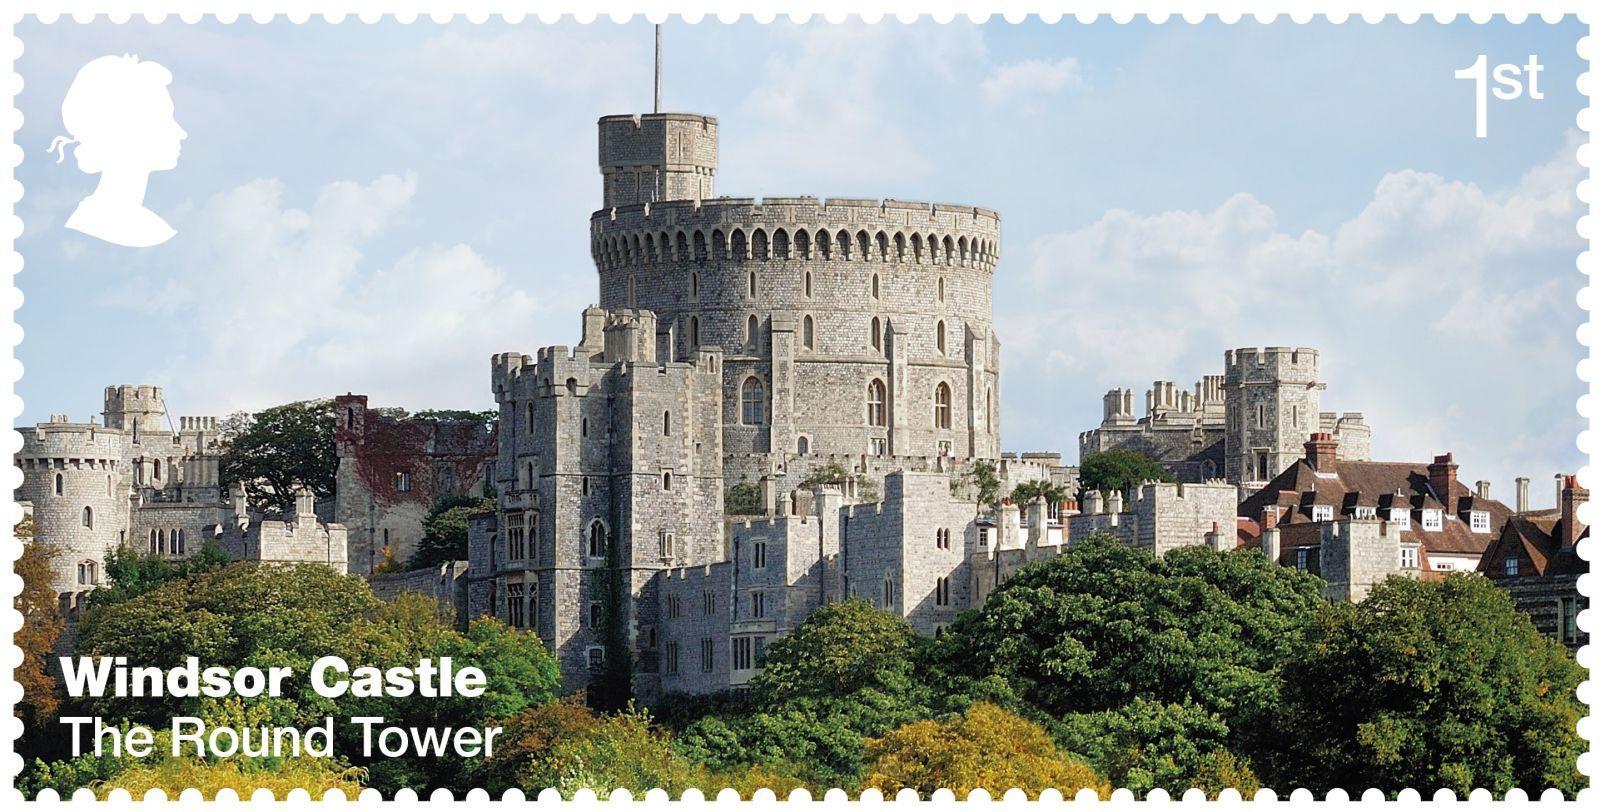 Windsor_Castle_on_Royal_Mail_stamps03